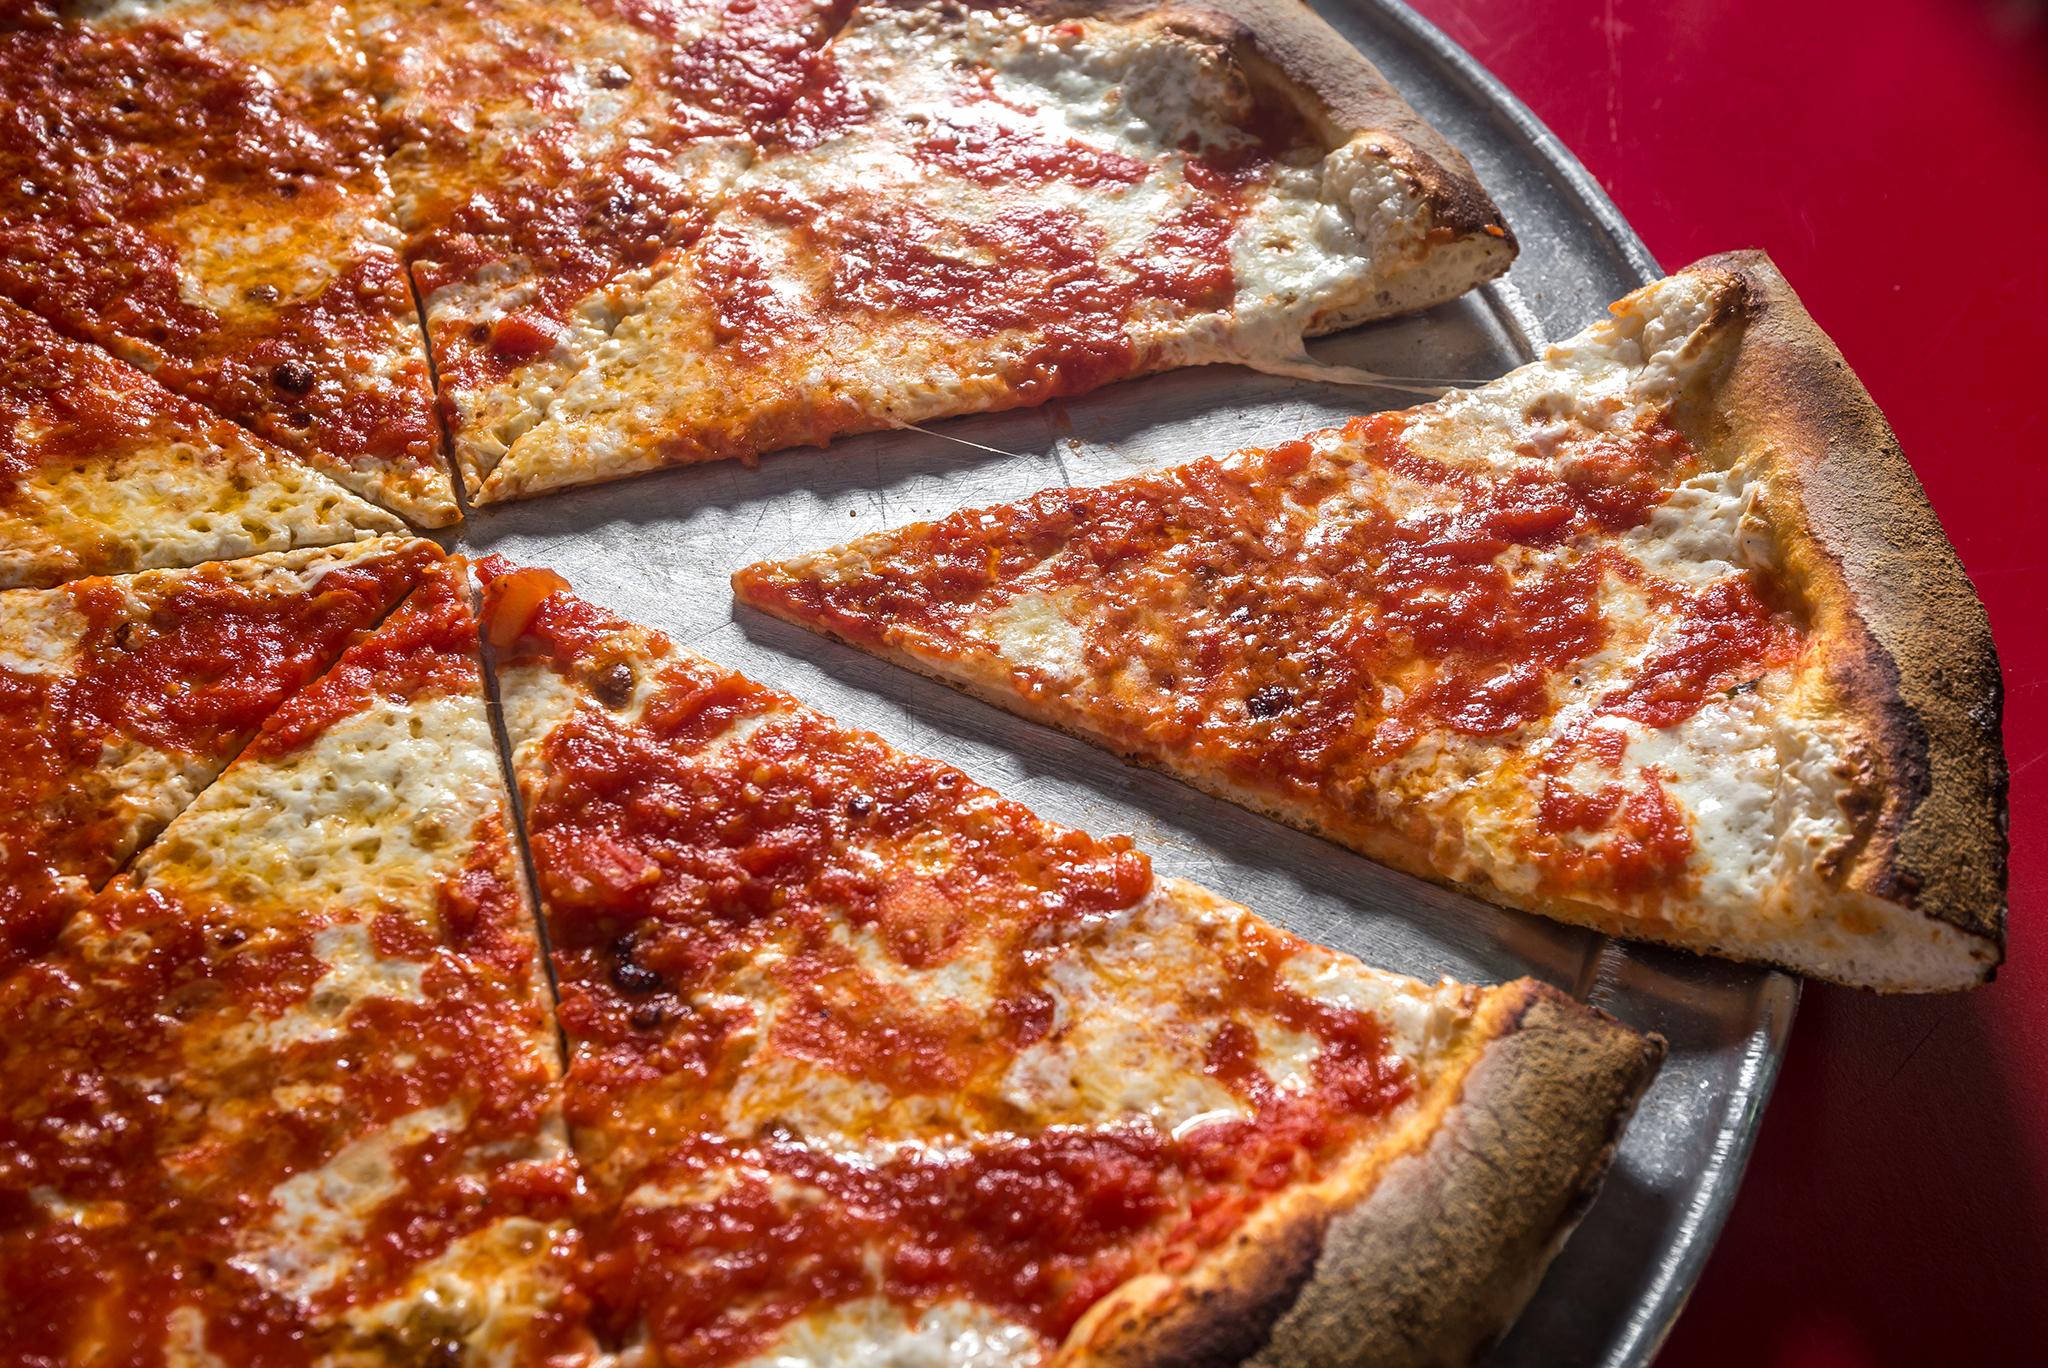 TOTONNO margherita pizza